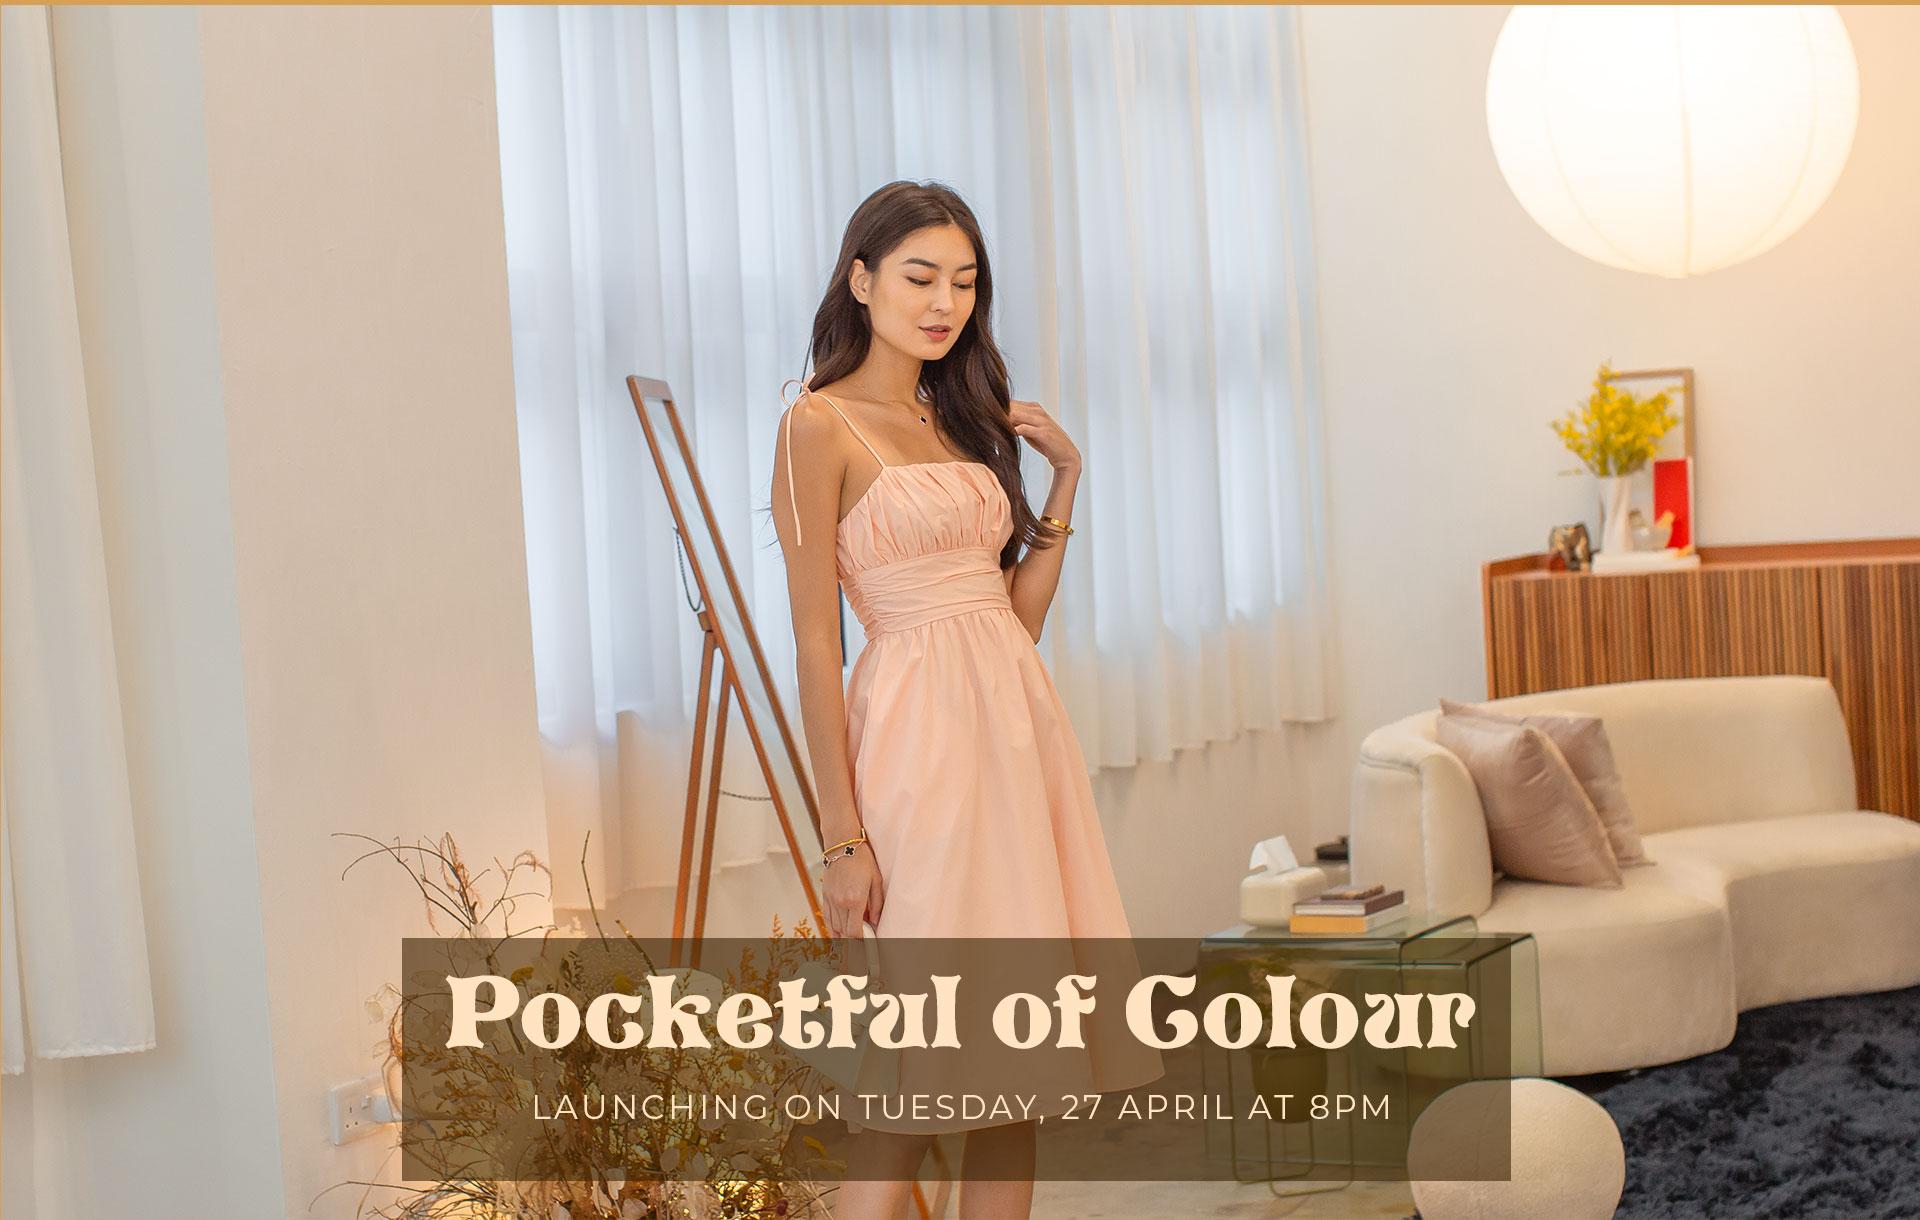 Pocketful of Colour